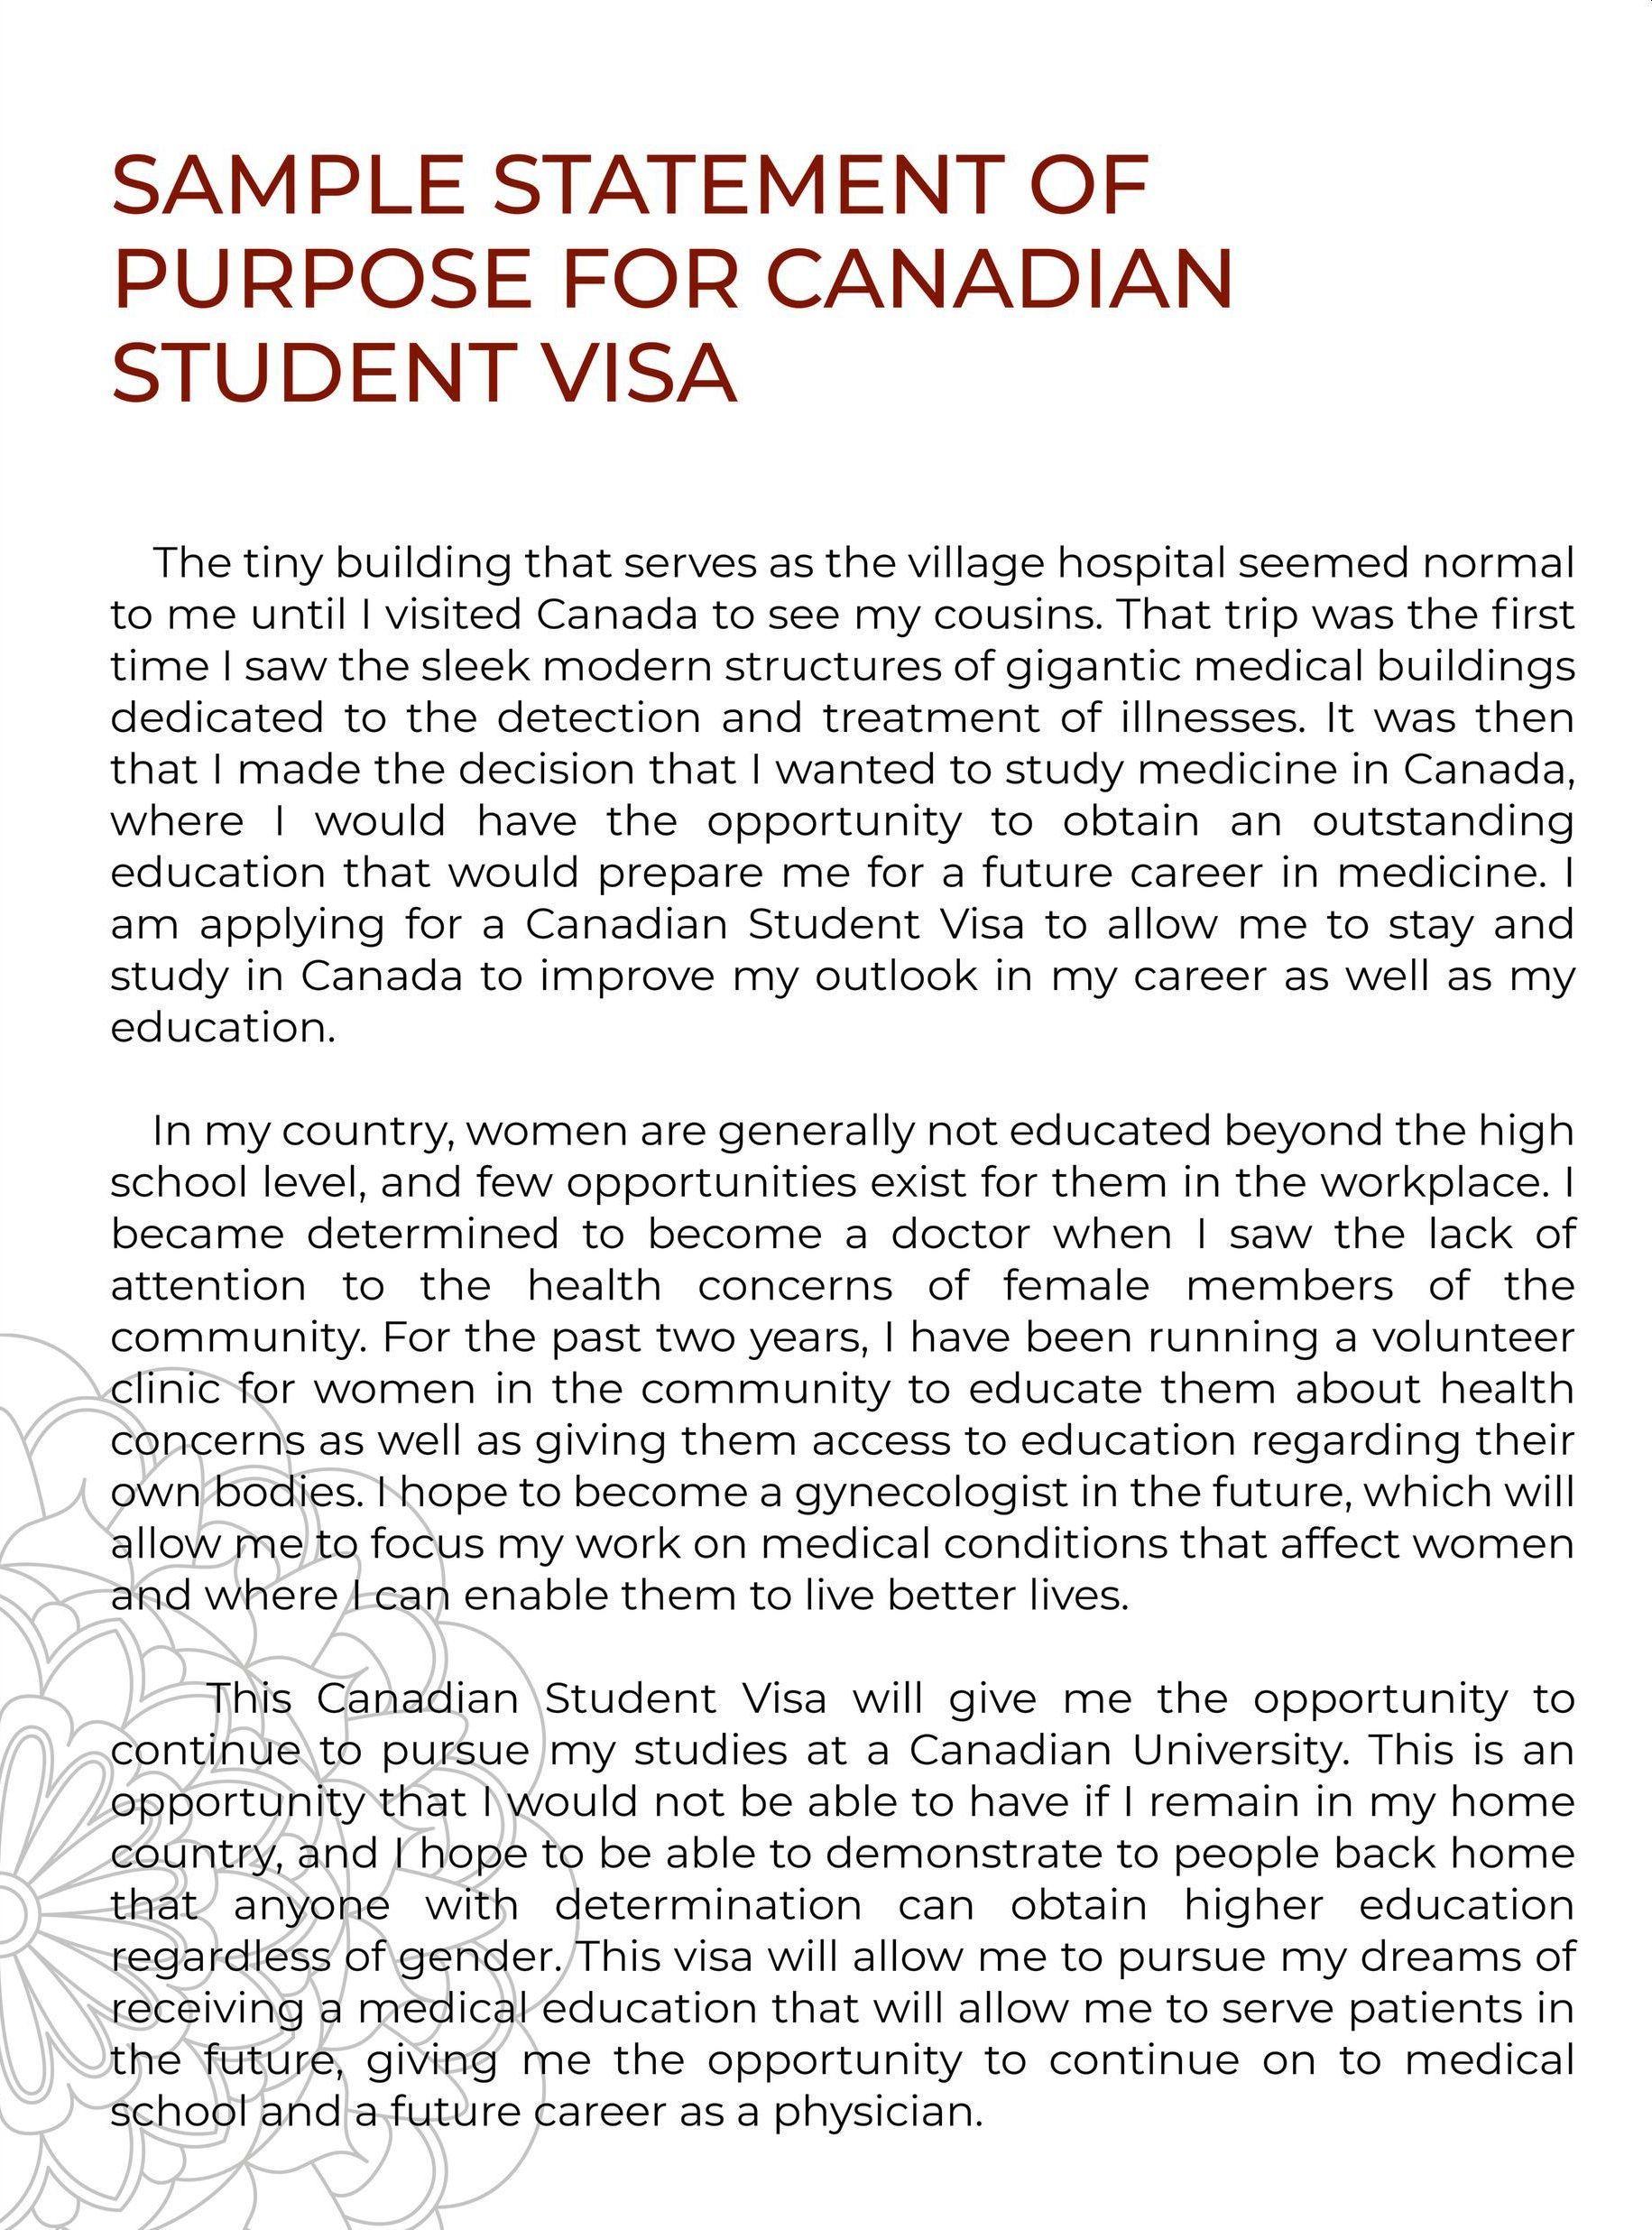 SOP sample study visa canada